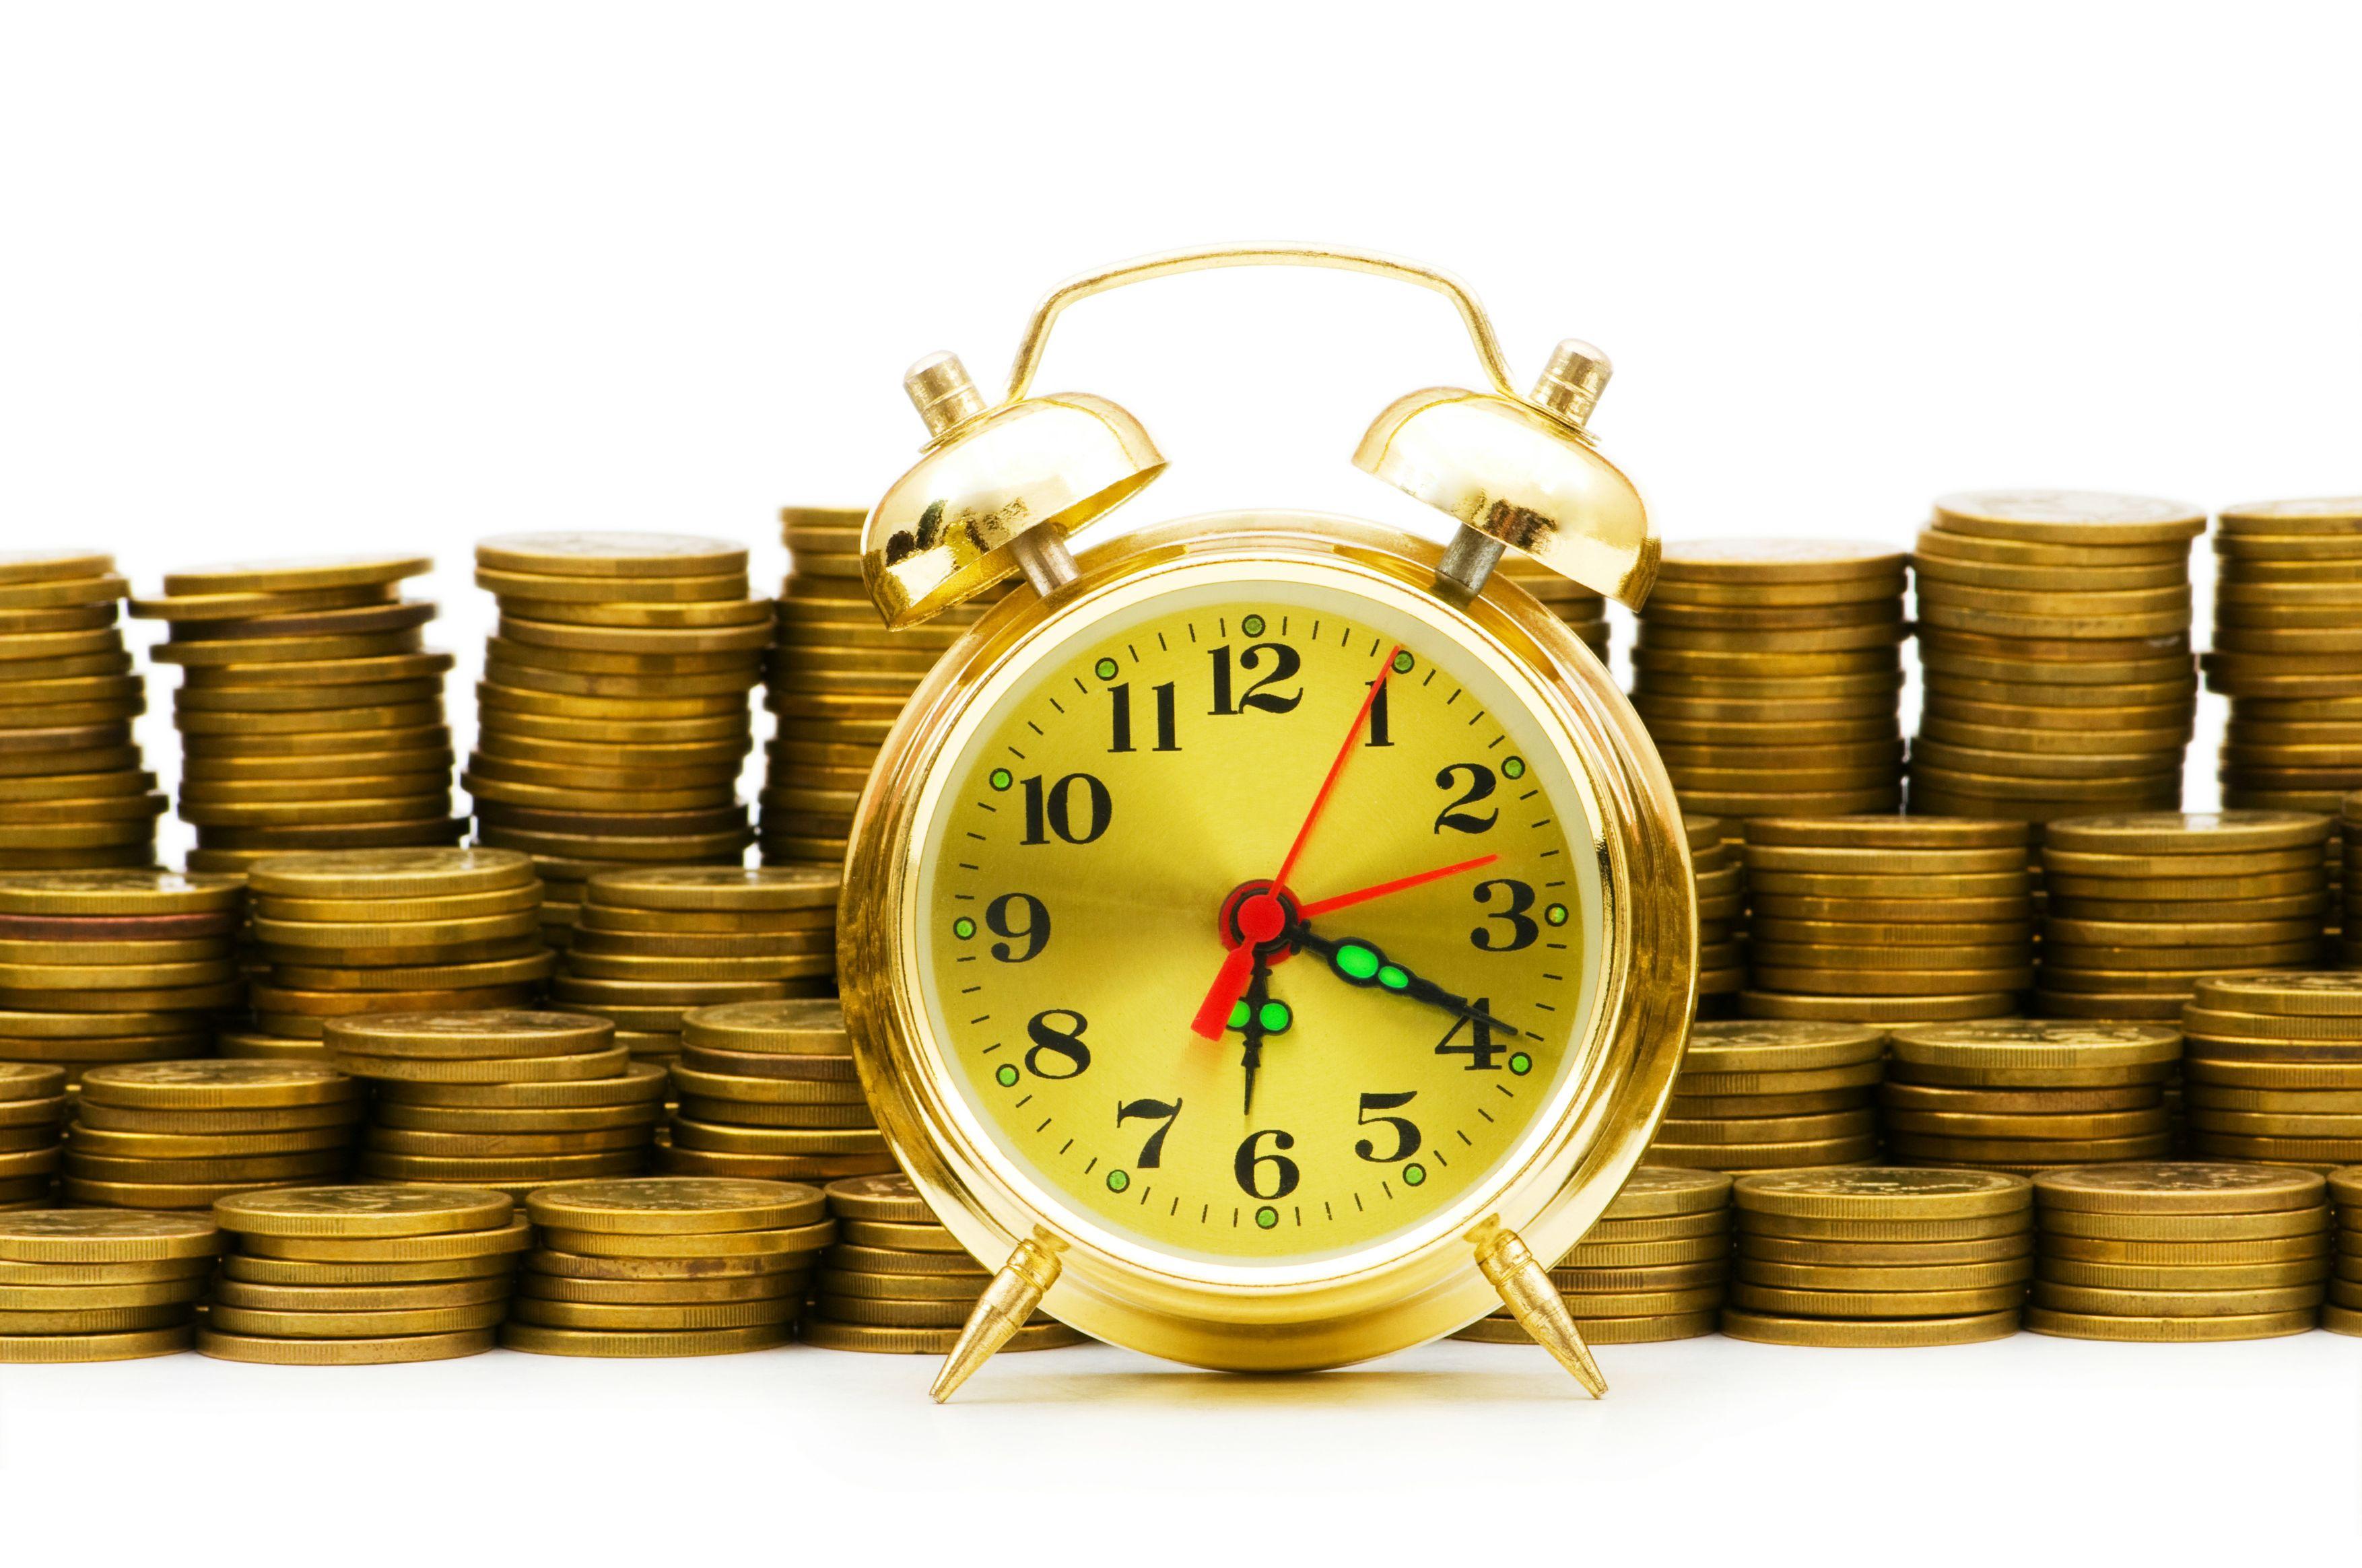 并轨!详解利率市场化的进程与影响